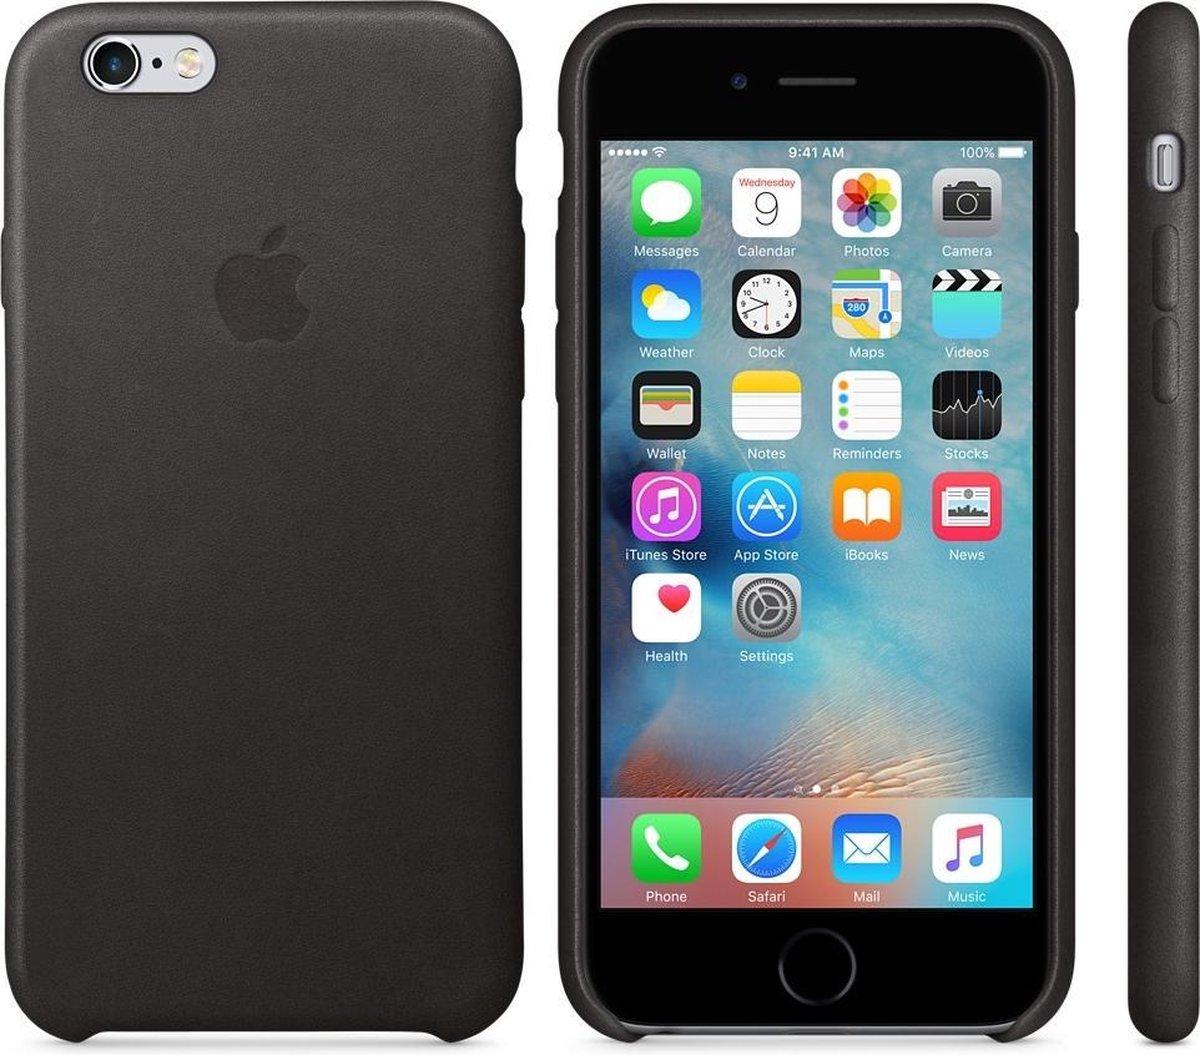 Apple iPhone 6;Apple iPhone 6S lederen hoesje- zwart